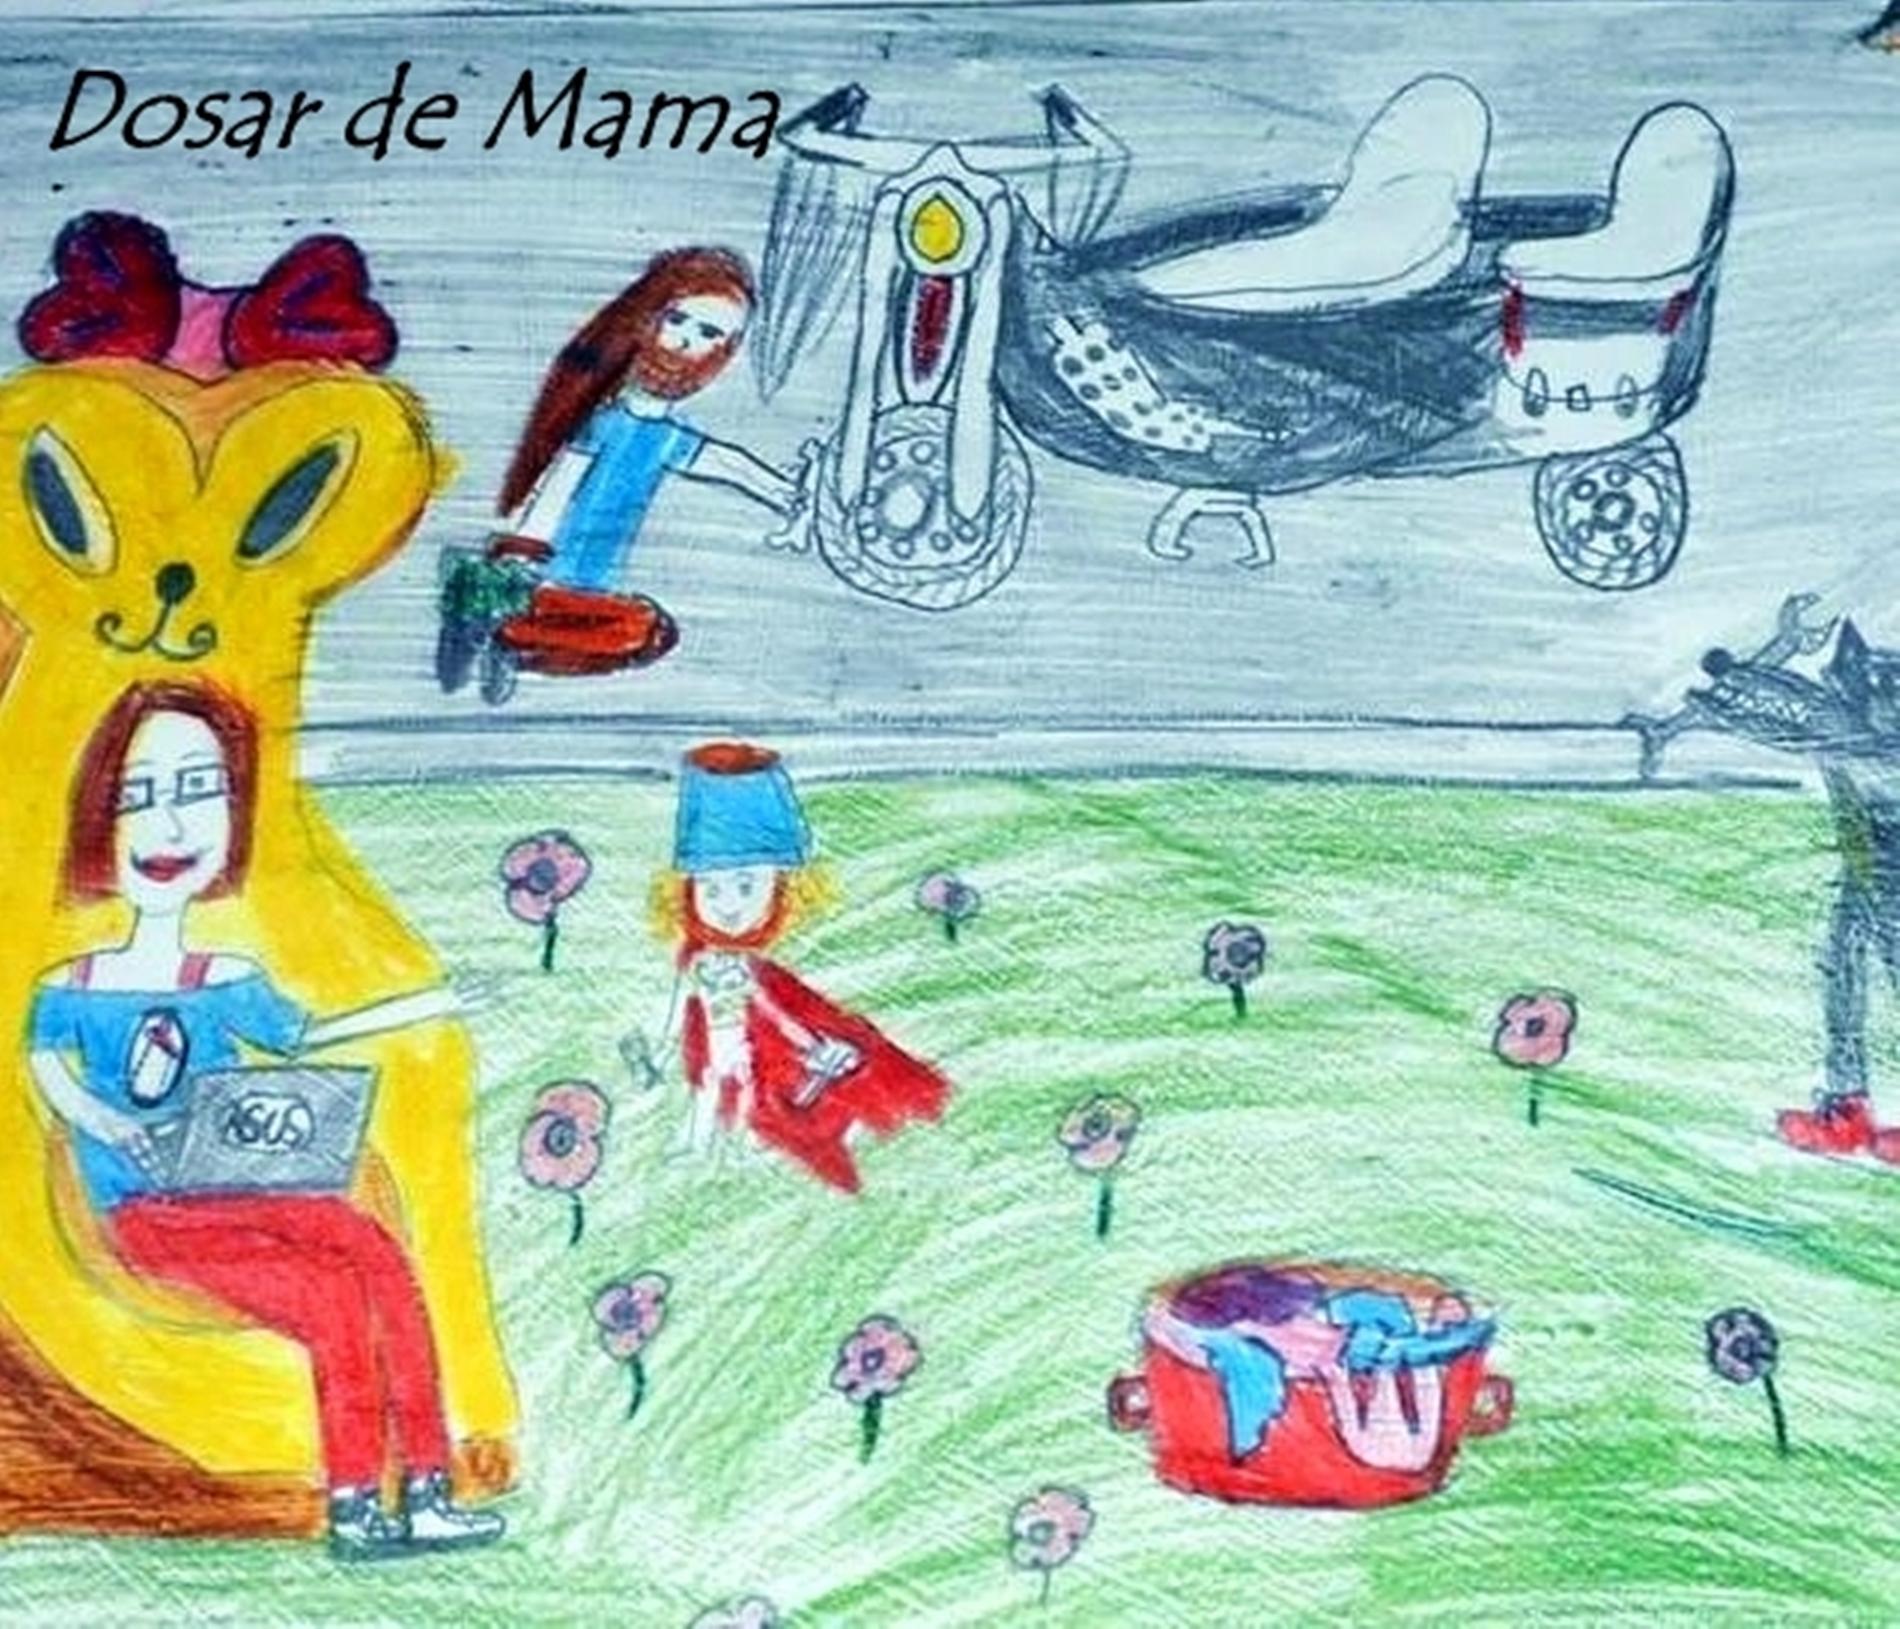 Dosar de Mamă